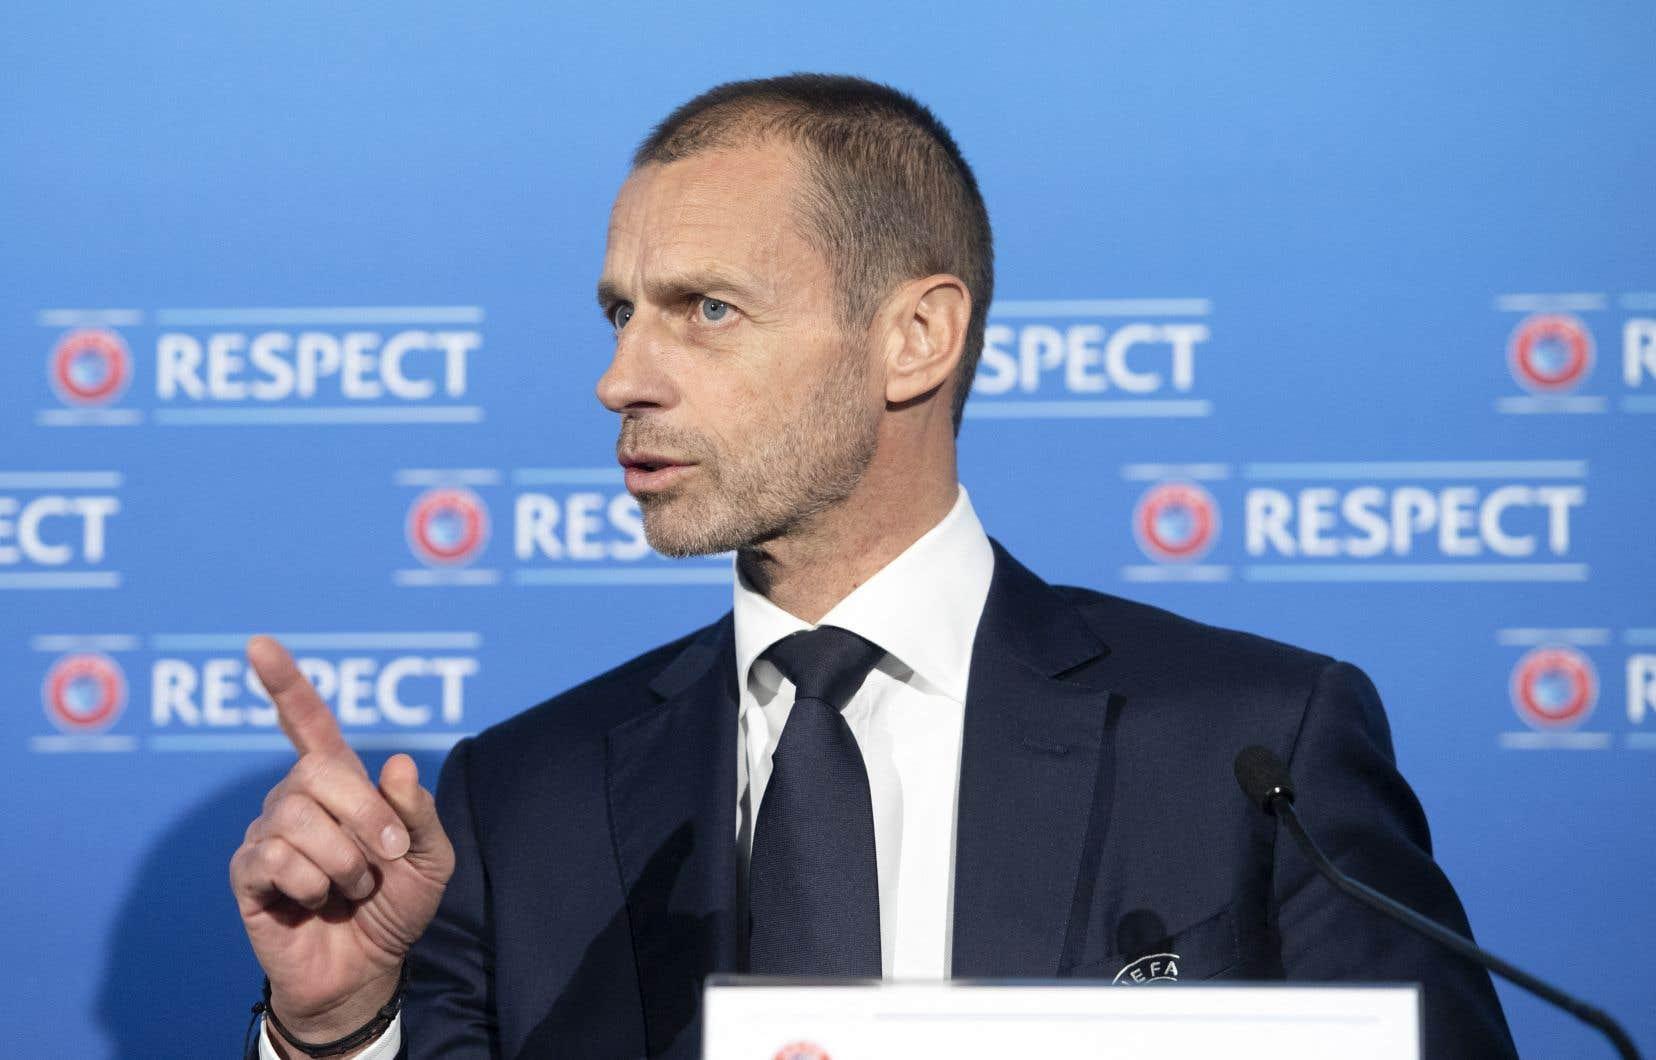 Le président de l'UEFA, Aleksander Ceferin, lors d'une conférence de presse le 19 avril 2021